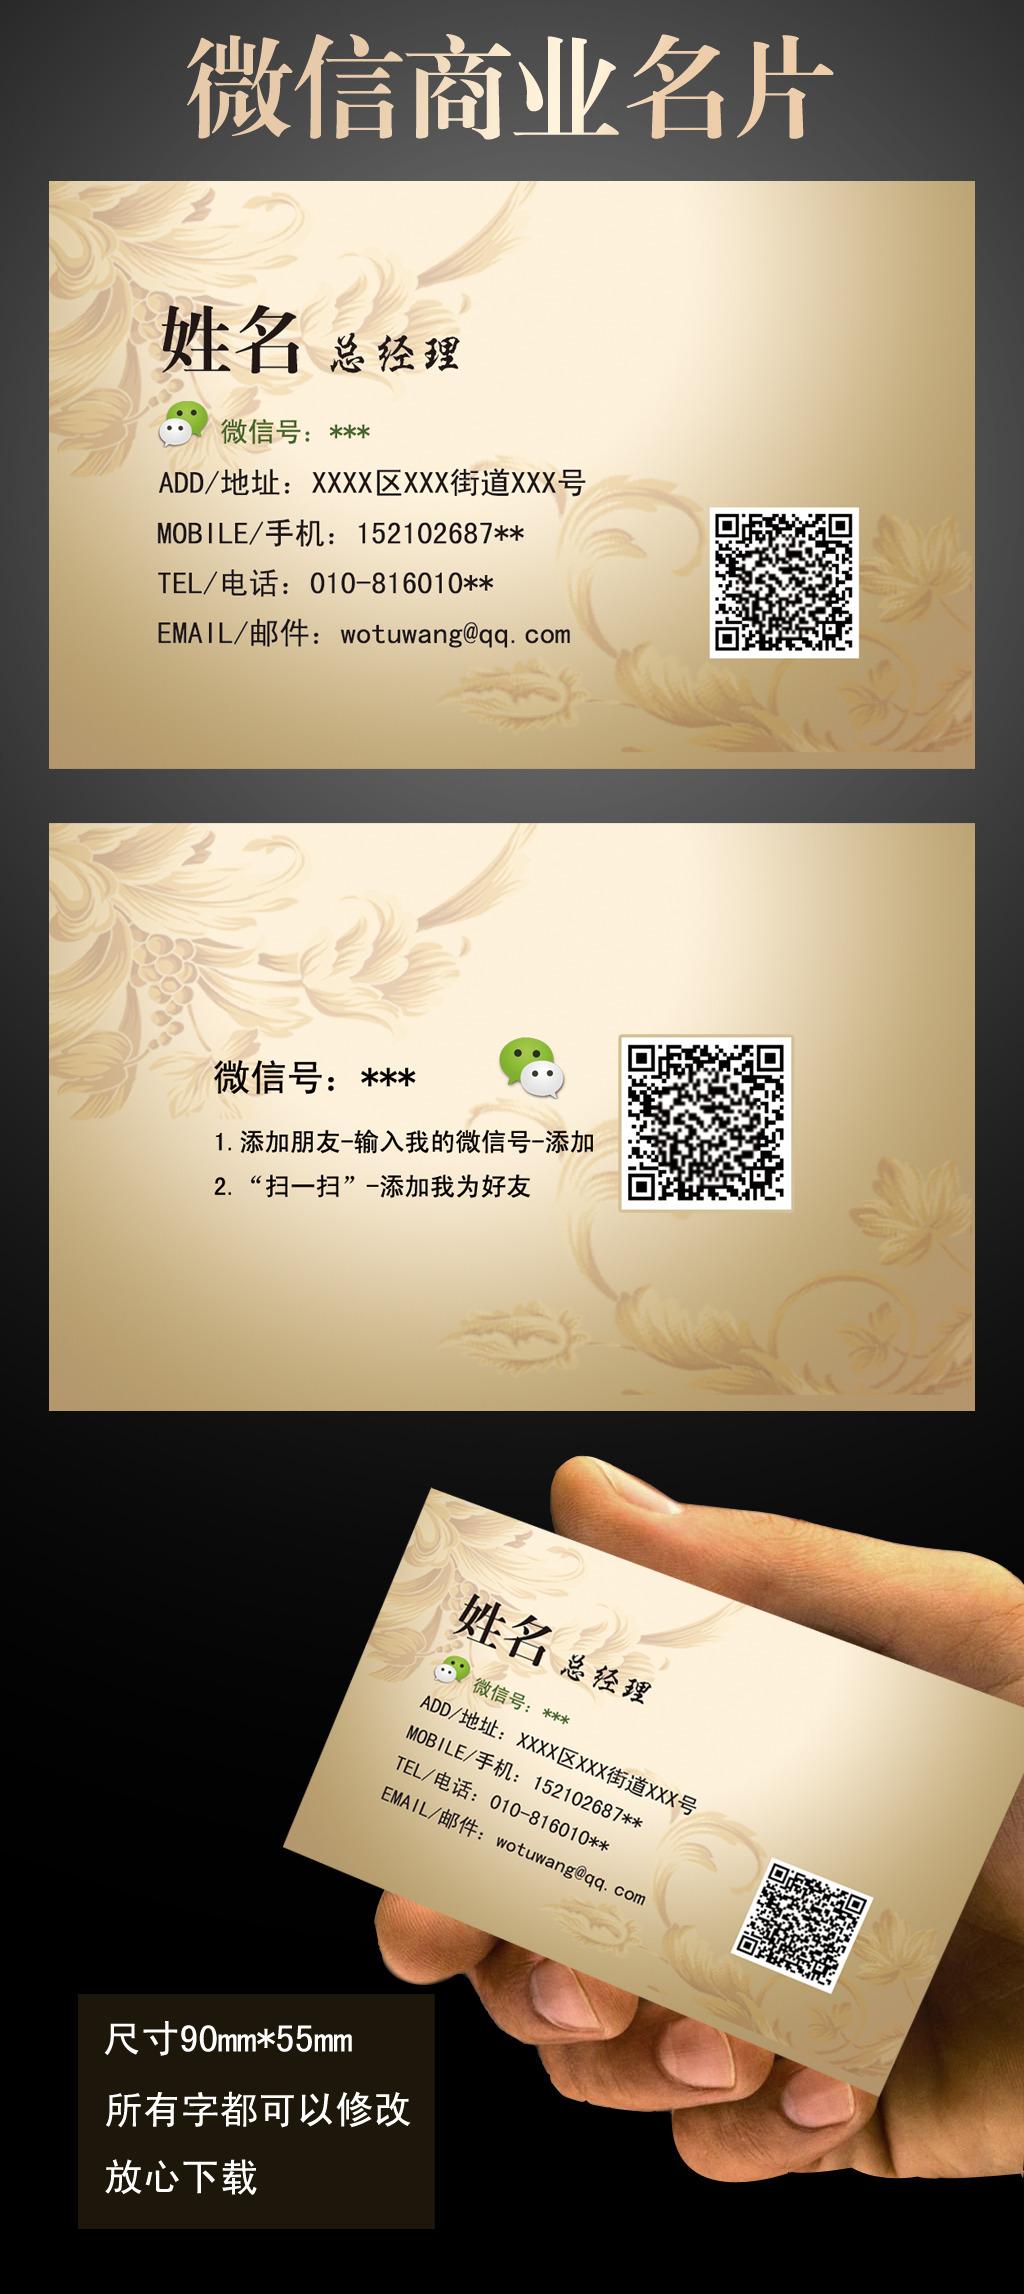 微信名片商业名片